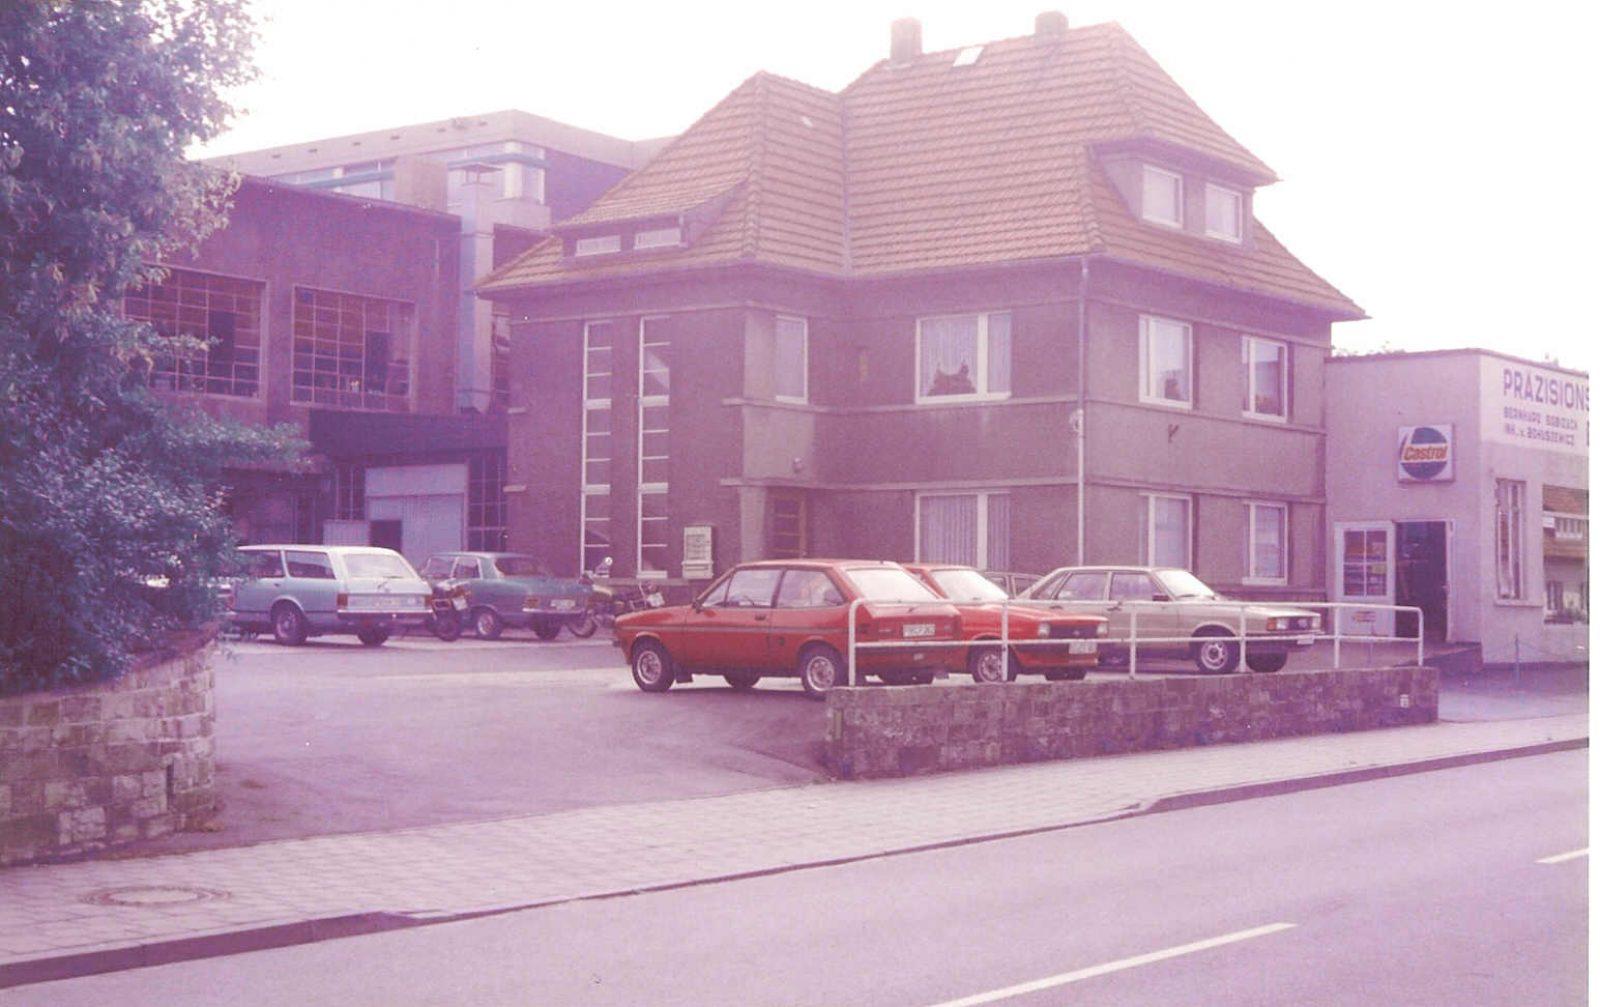 BS 1990 Sobizack von Voss aus fw